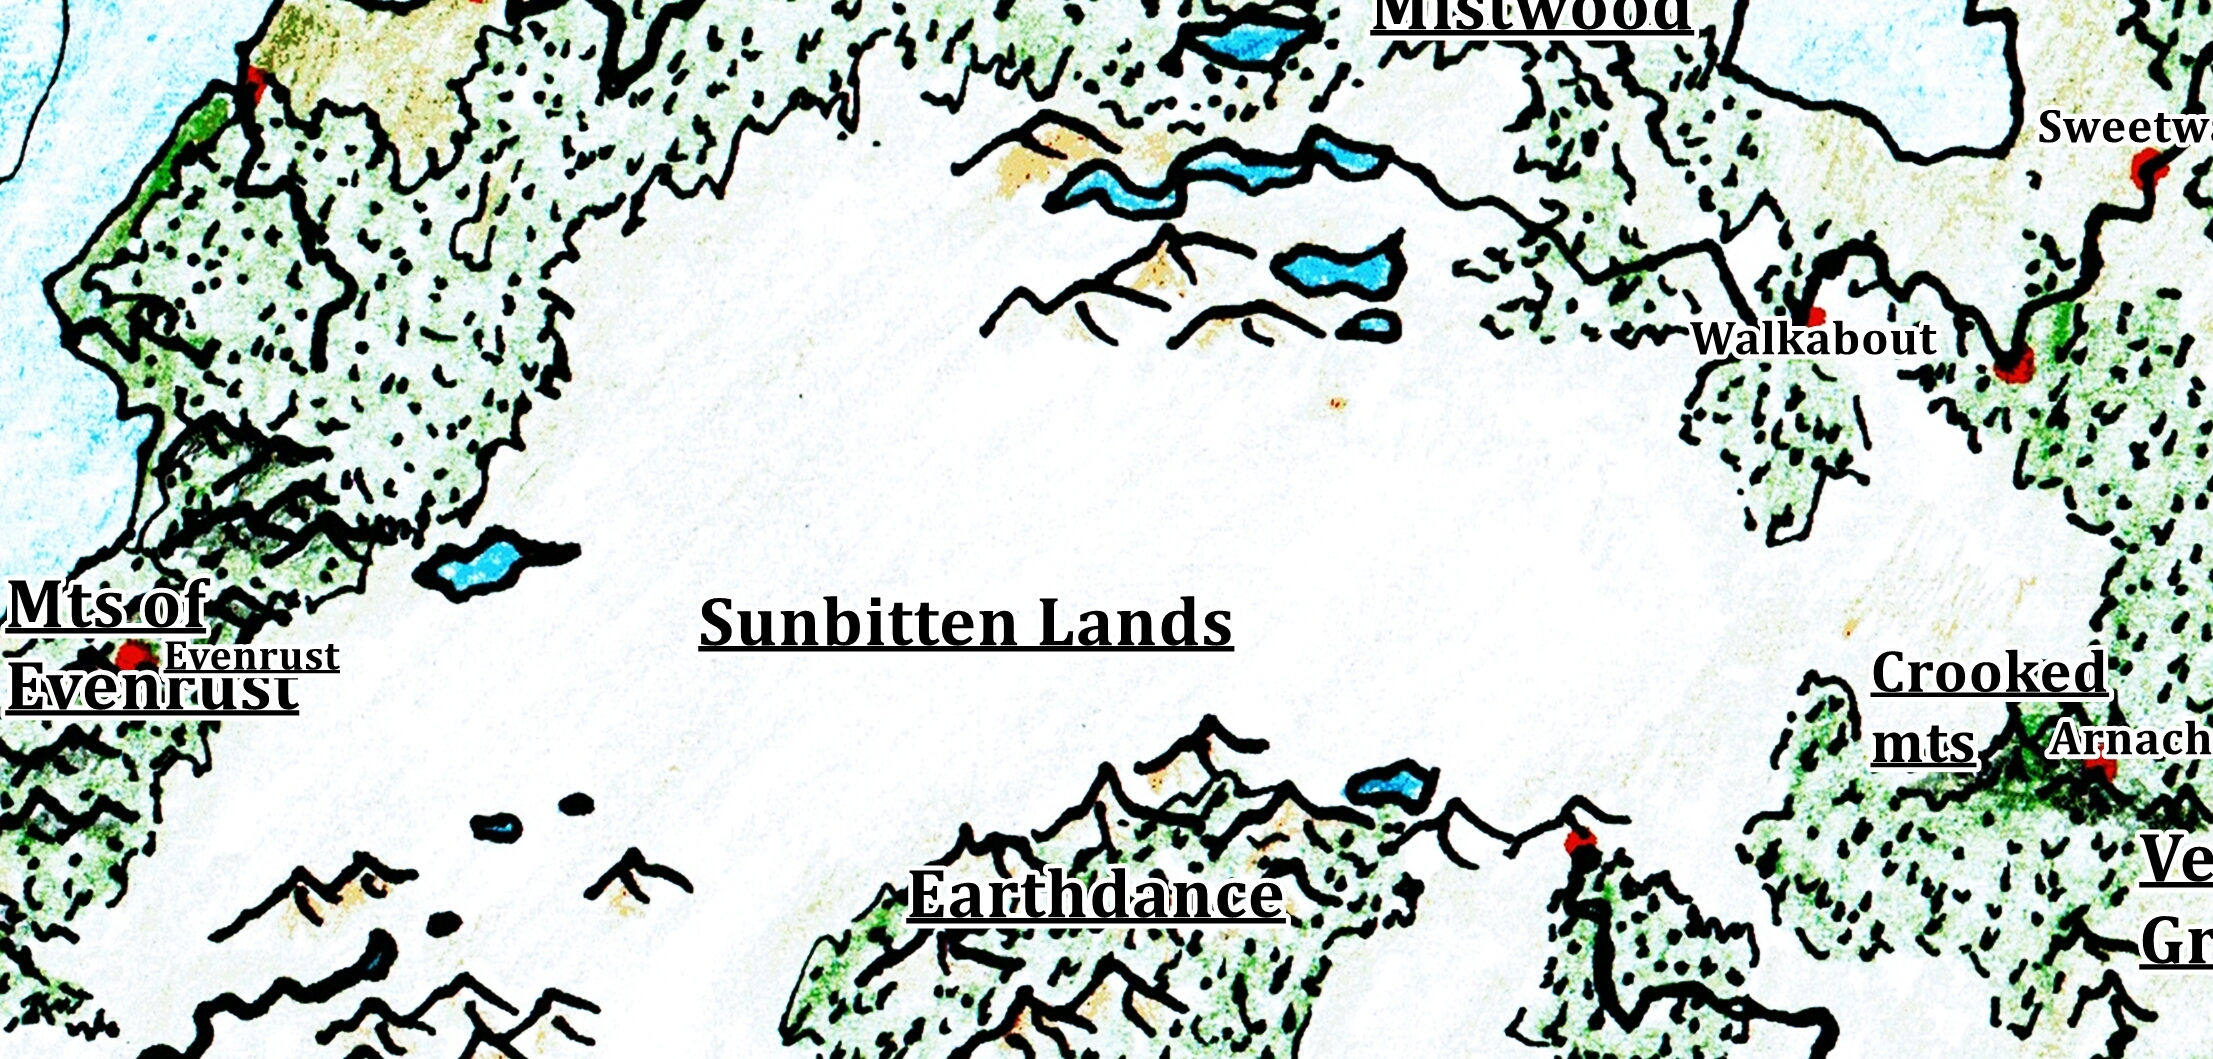 Sunbitten Lands